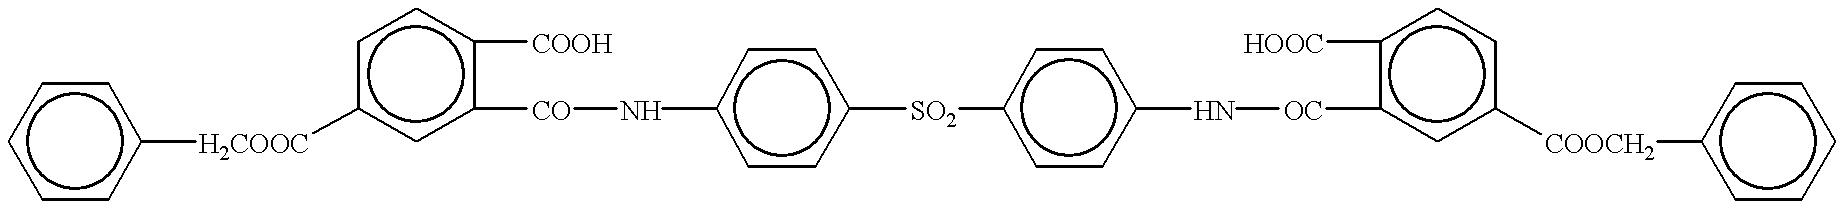 Figure US06180560-20010130-C00156